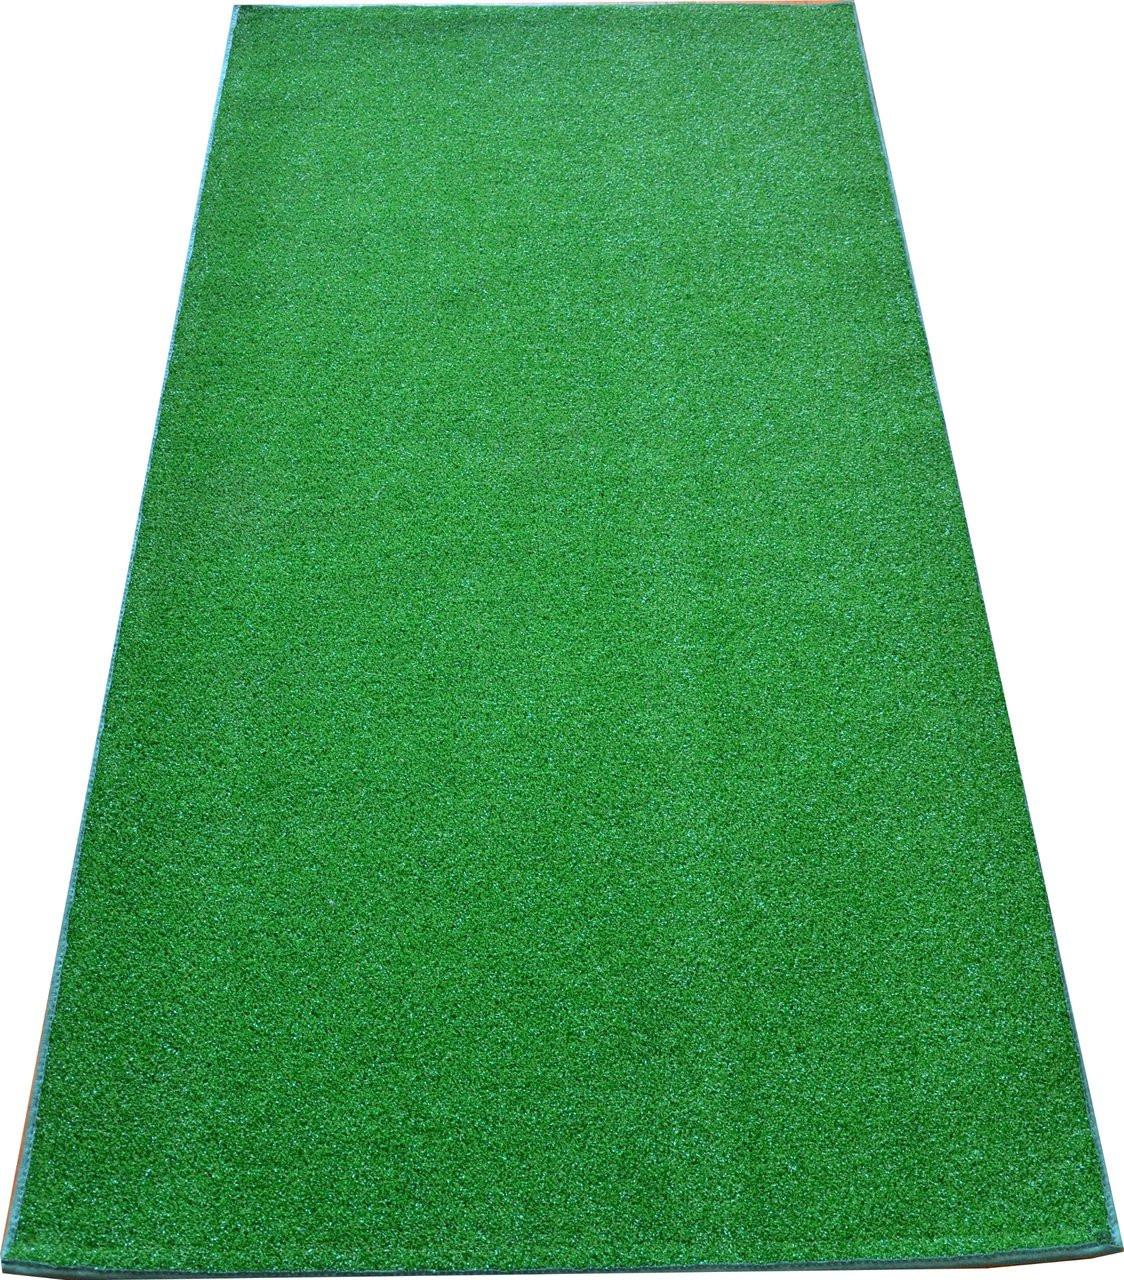 Redhead grass mats think